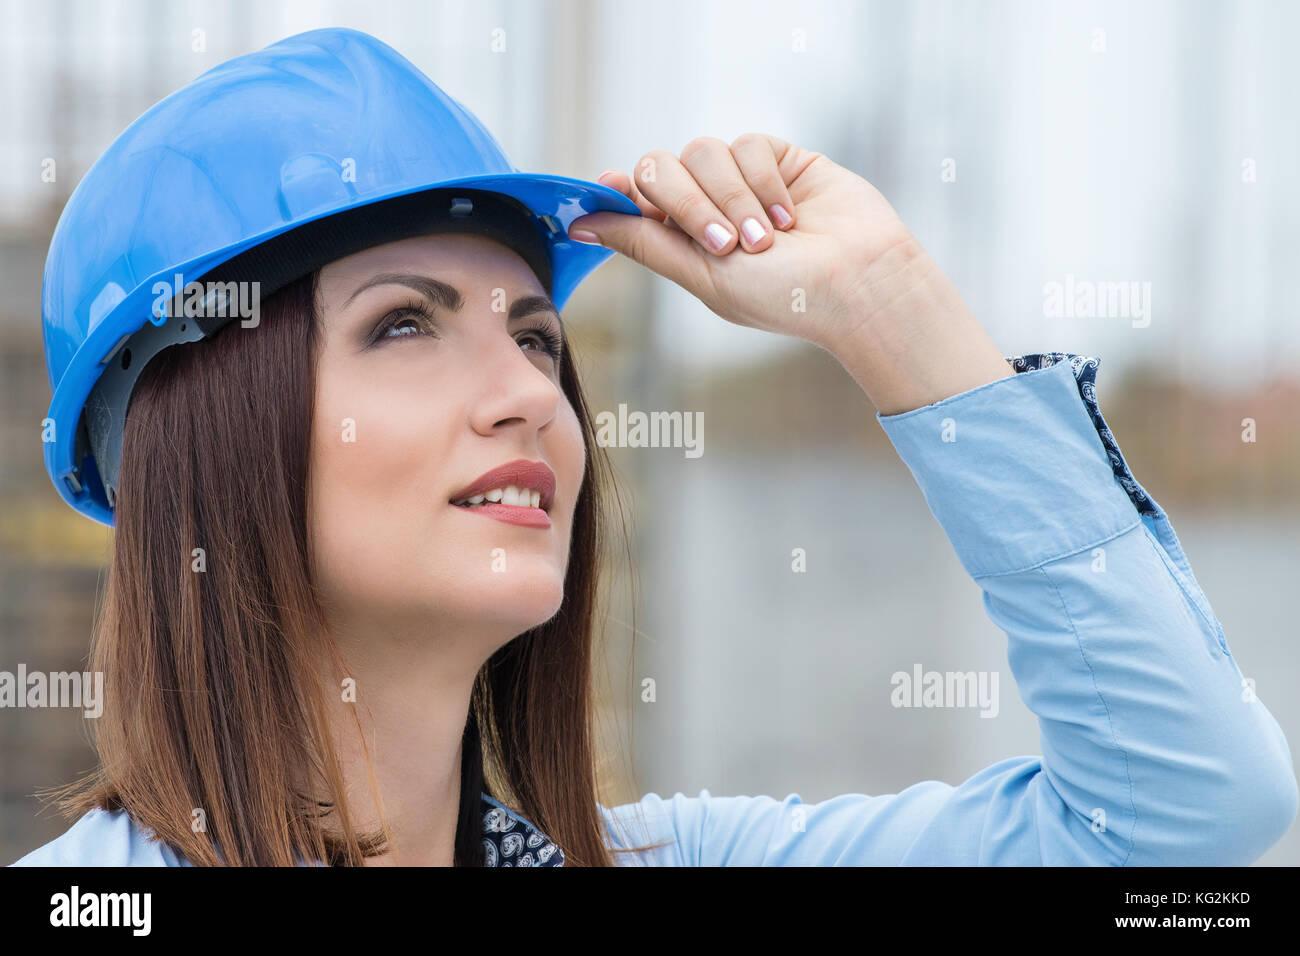 Schöne Frau Architekten tragen Helm auf der Baustelle Stockbild